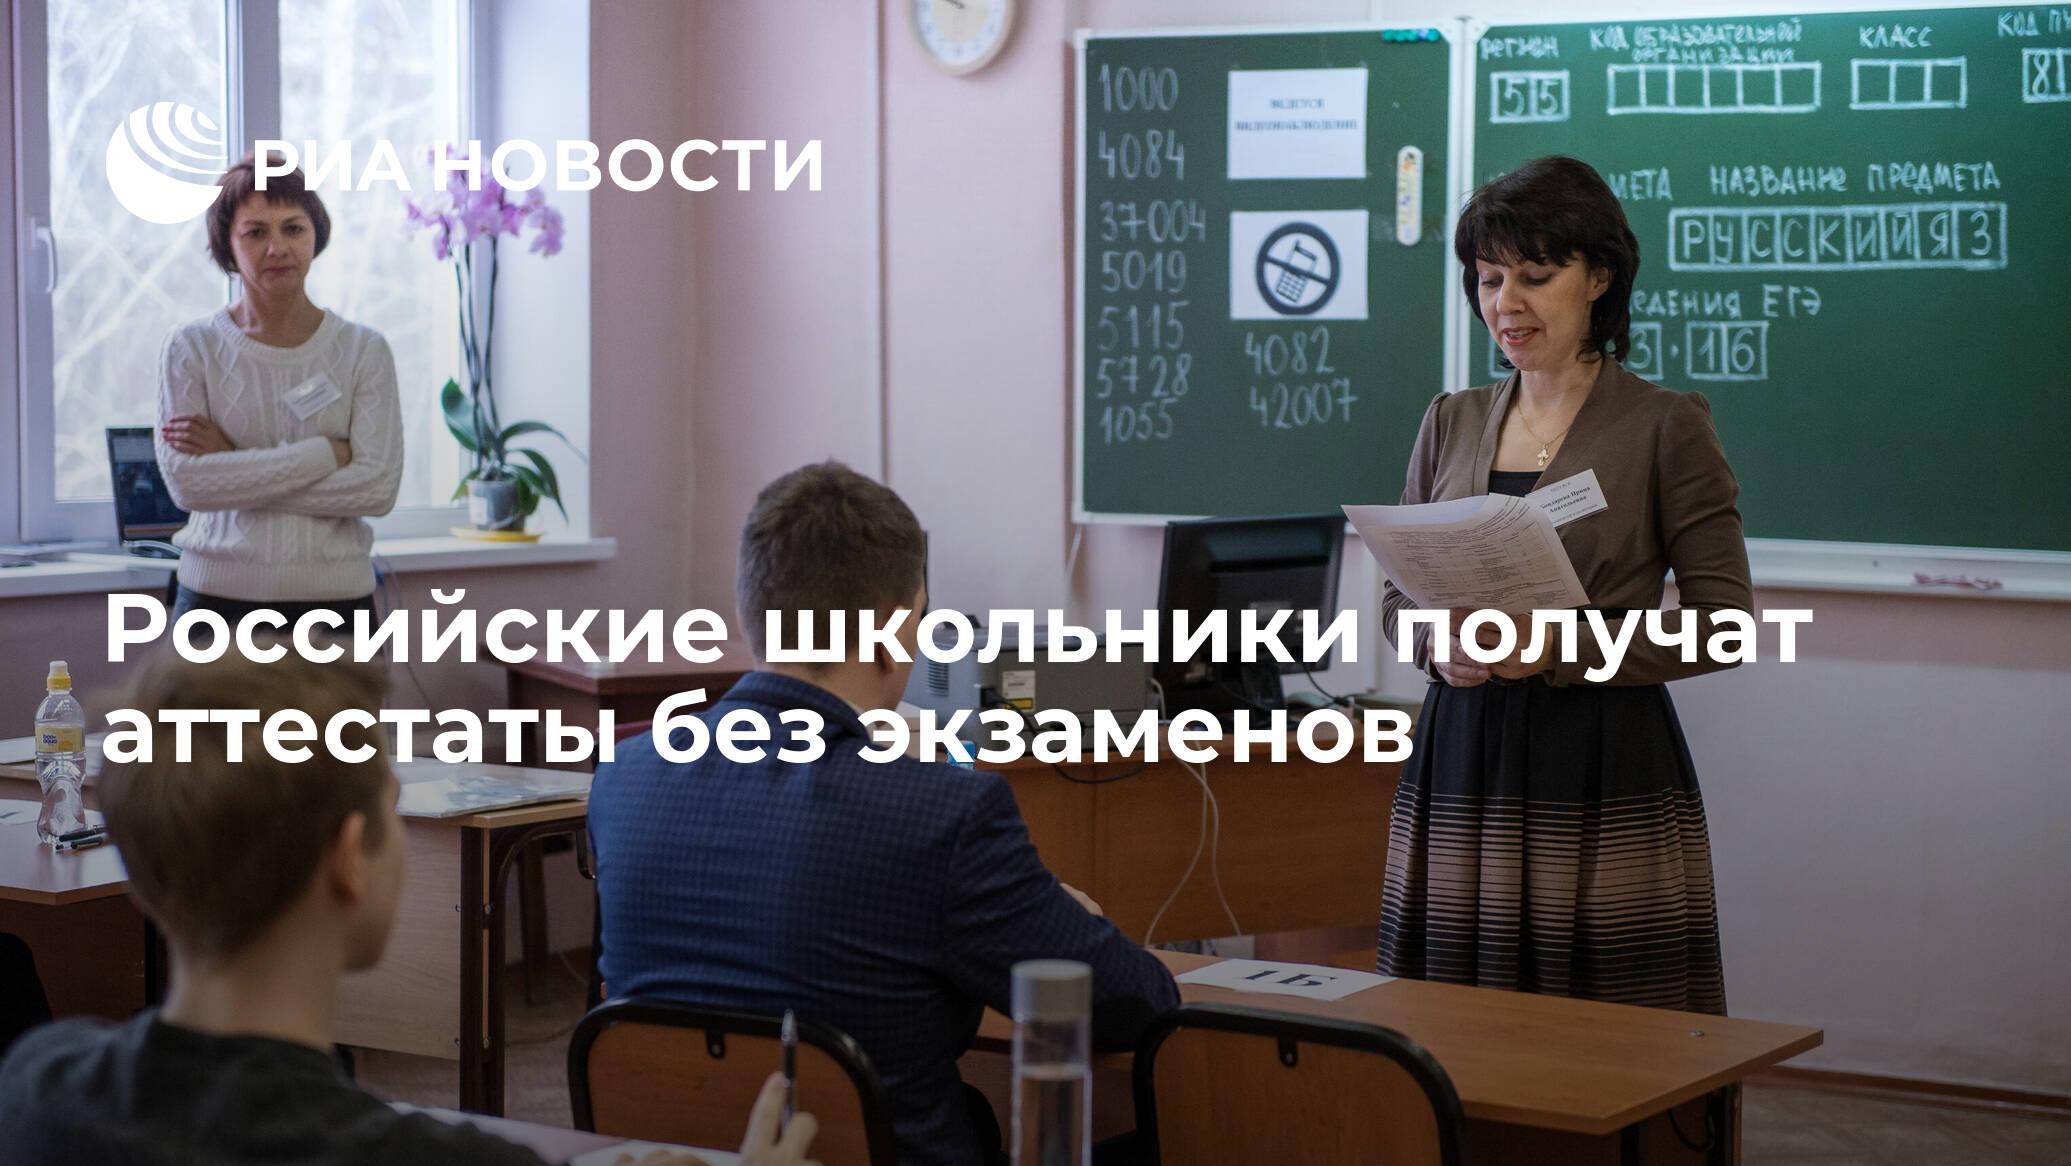 Мишустин утвердил выдачу школьных аттестатов без экзаменов